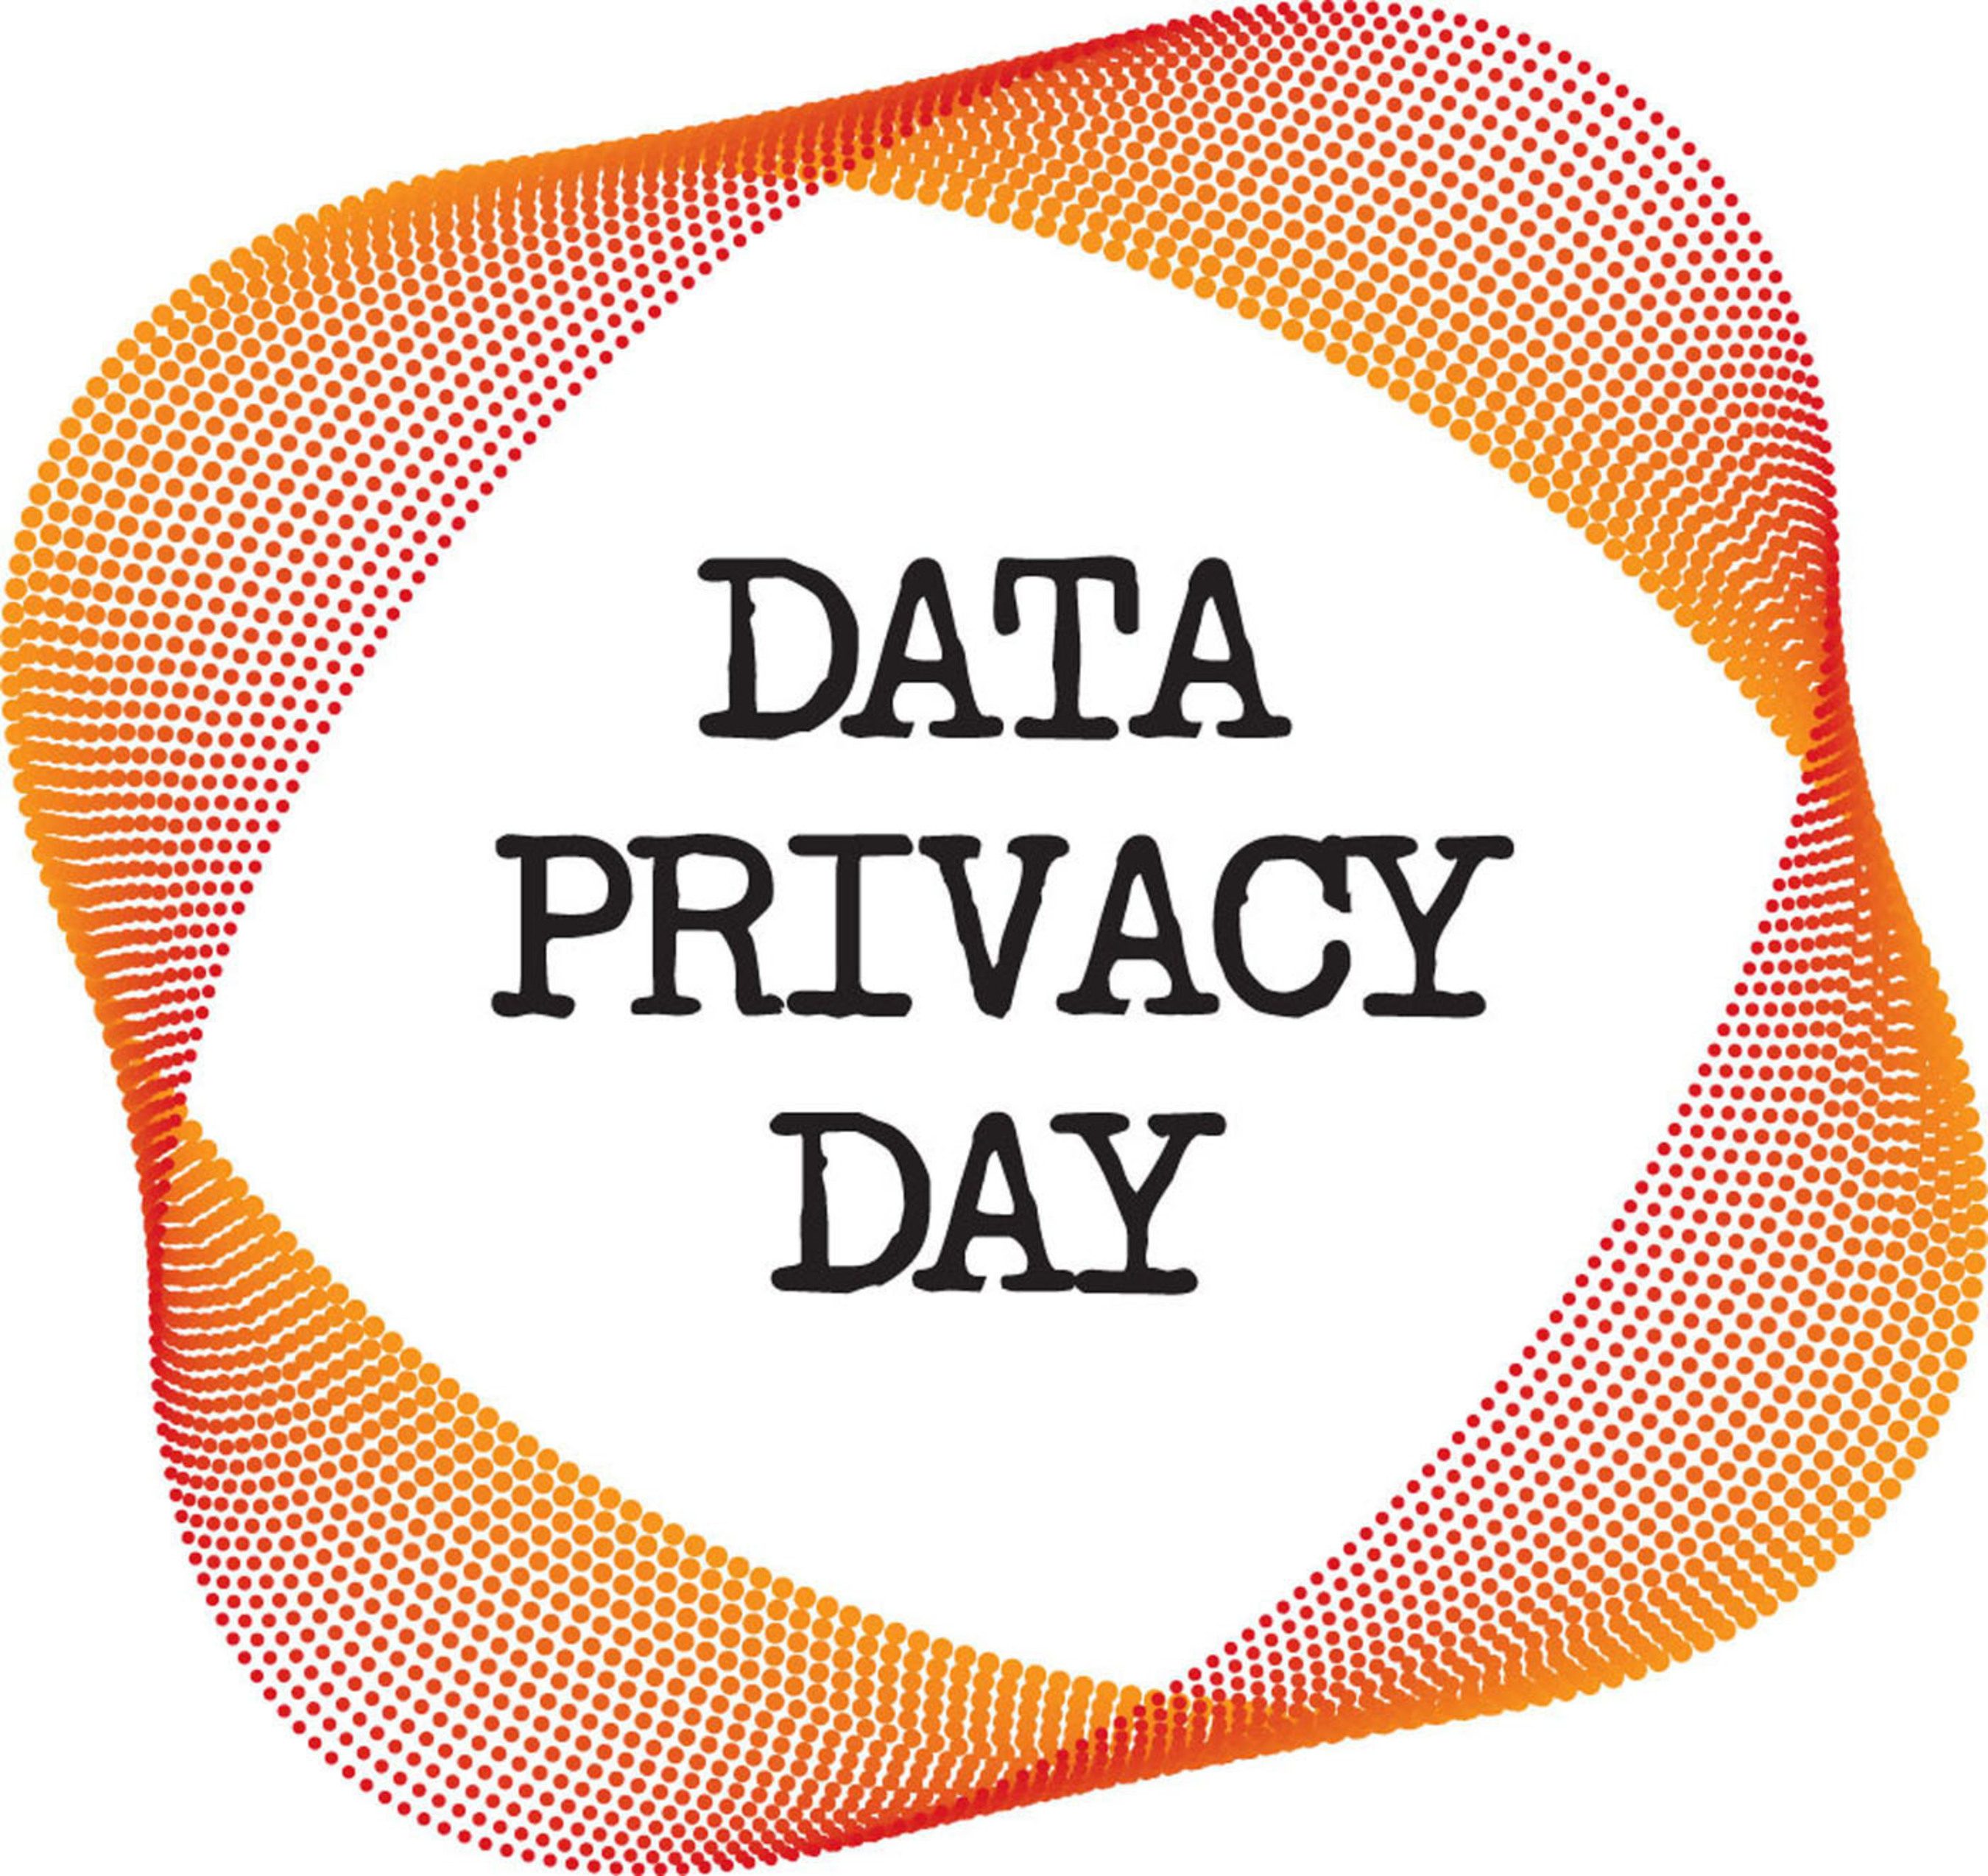 Data Privacy Day Logo. (PRNewsFoto/National Cyber Security Alliance) (PRNewsFoto/)